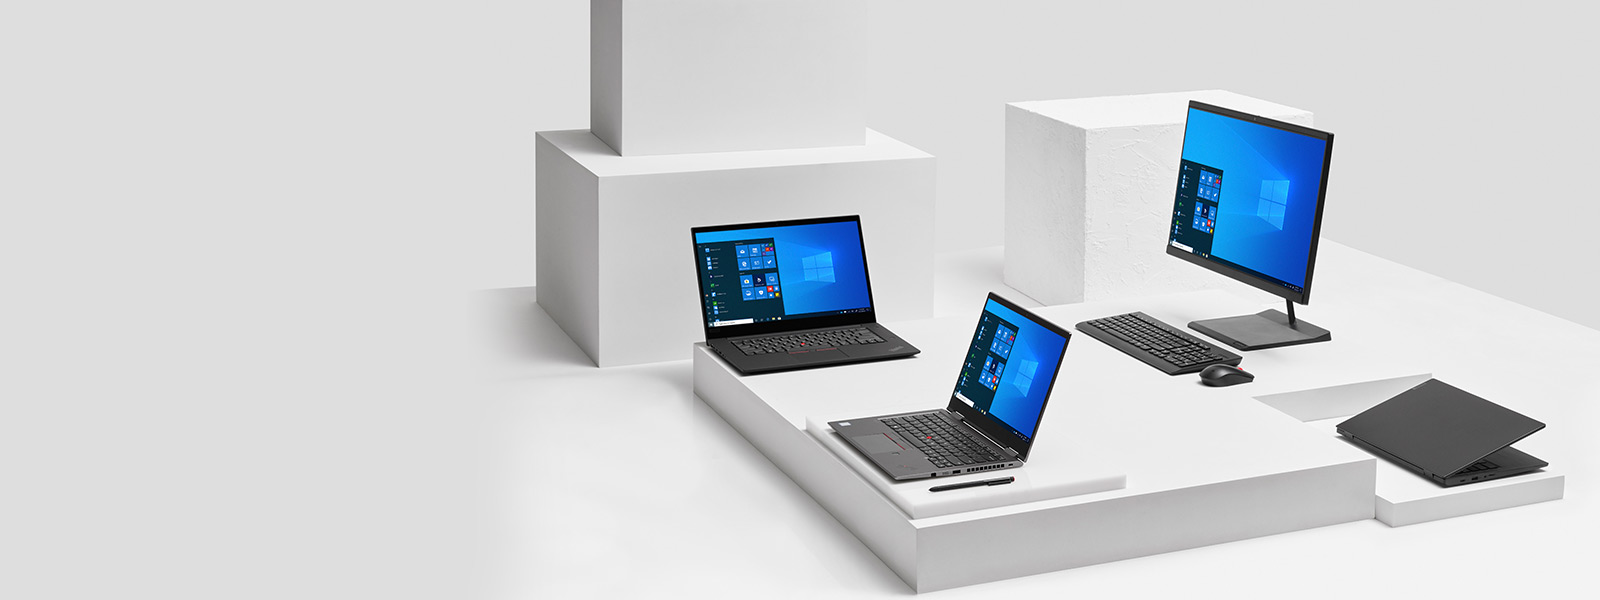 Lenovo-serie af enheder med Windows 10 Pro-startskærmbilleder